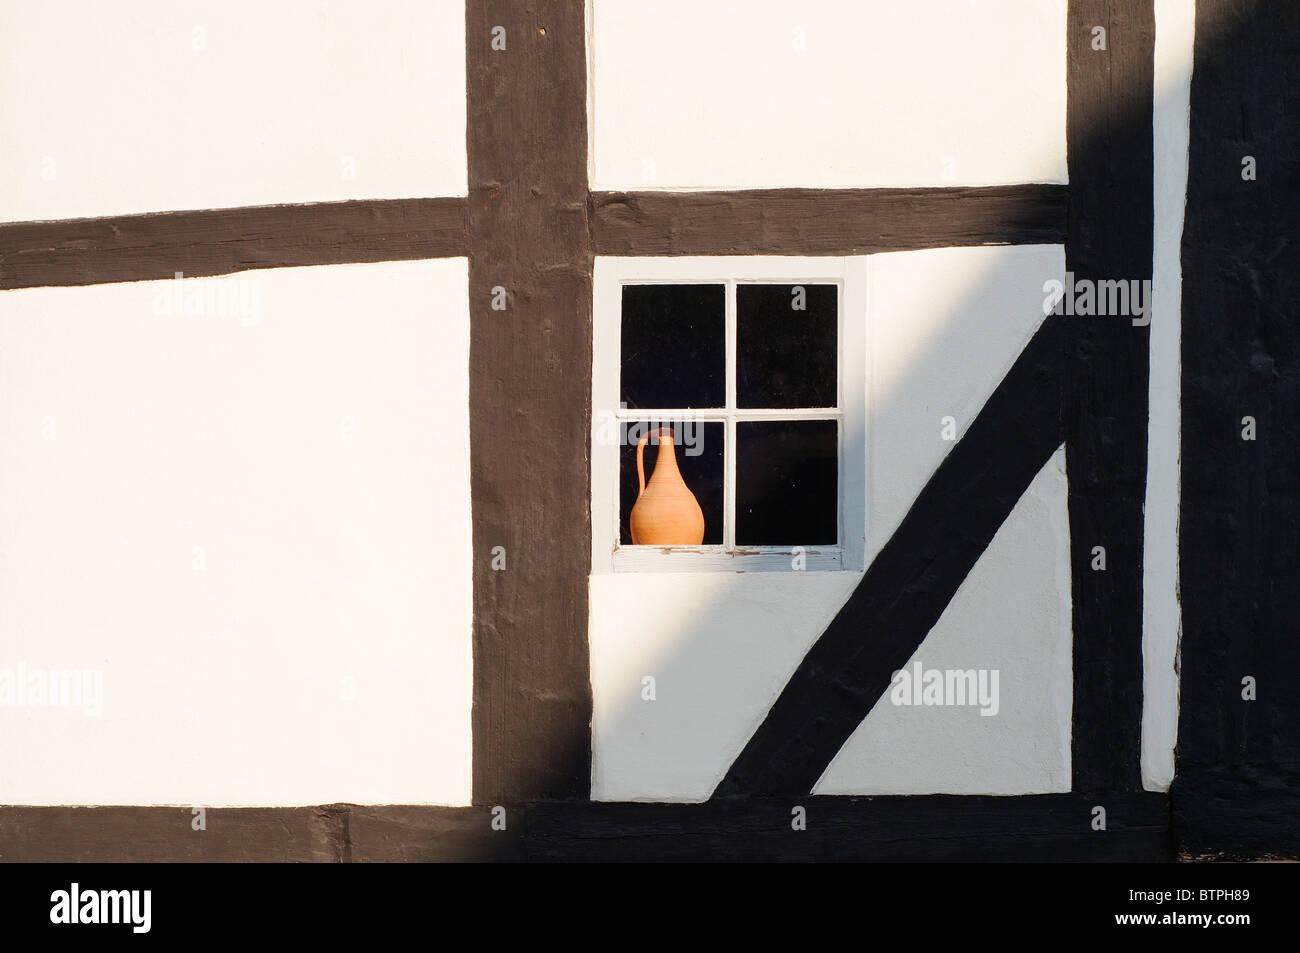 Alemania, Goslar, paredes y ventanas Imagen De Stock